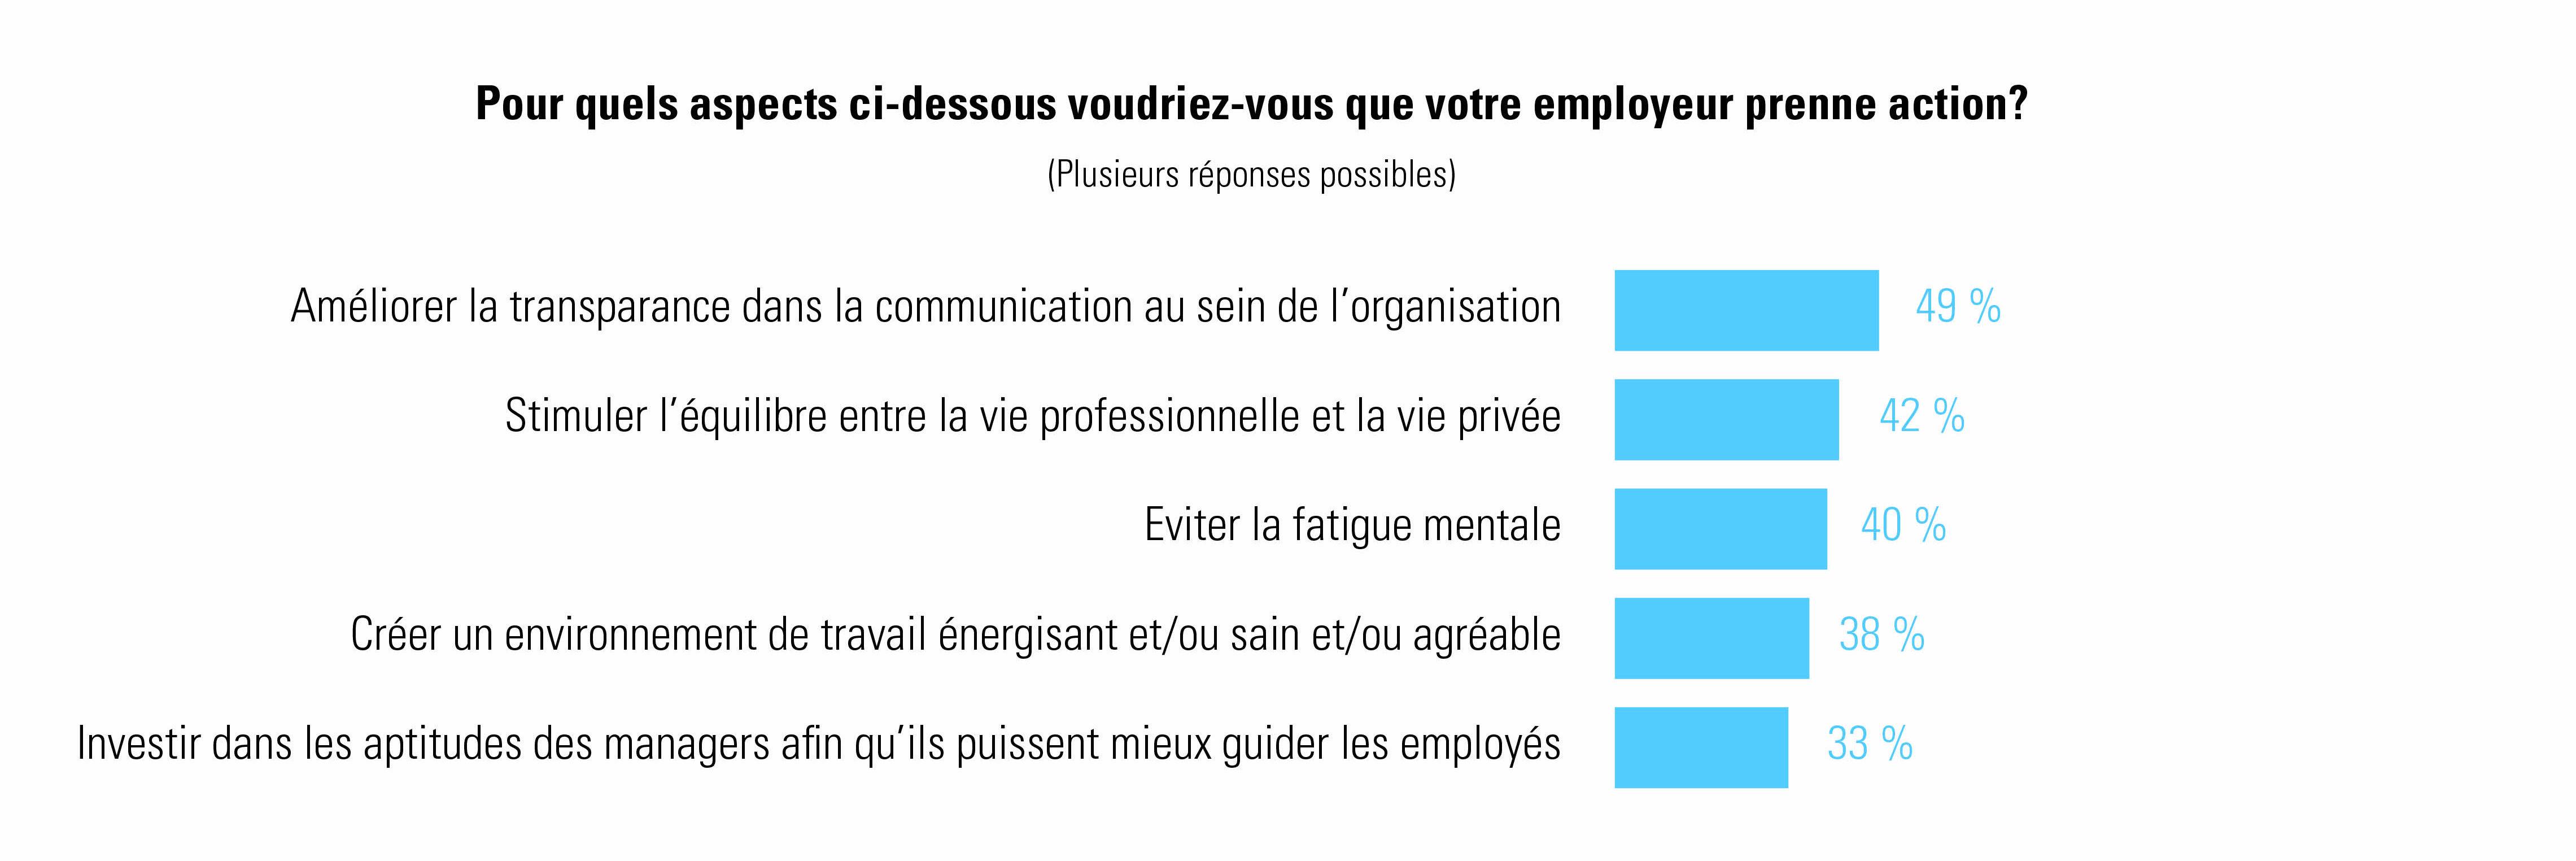 actions que les travailleurs souhaitent de la part des employeurs - Enquête auprès des travailleurs Talent Pulse 2021